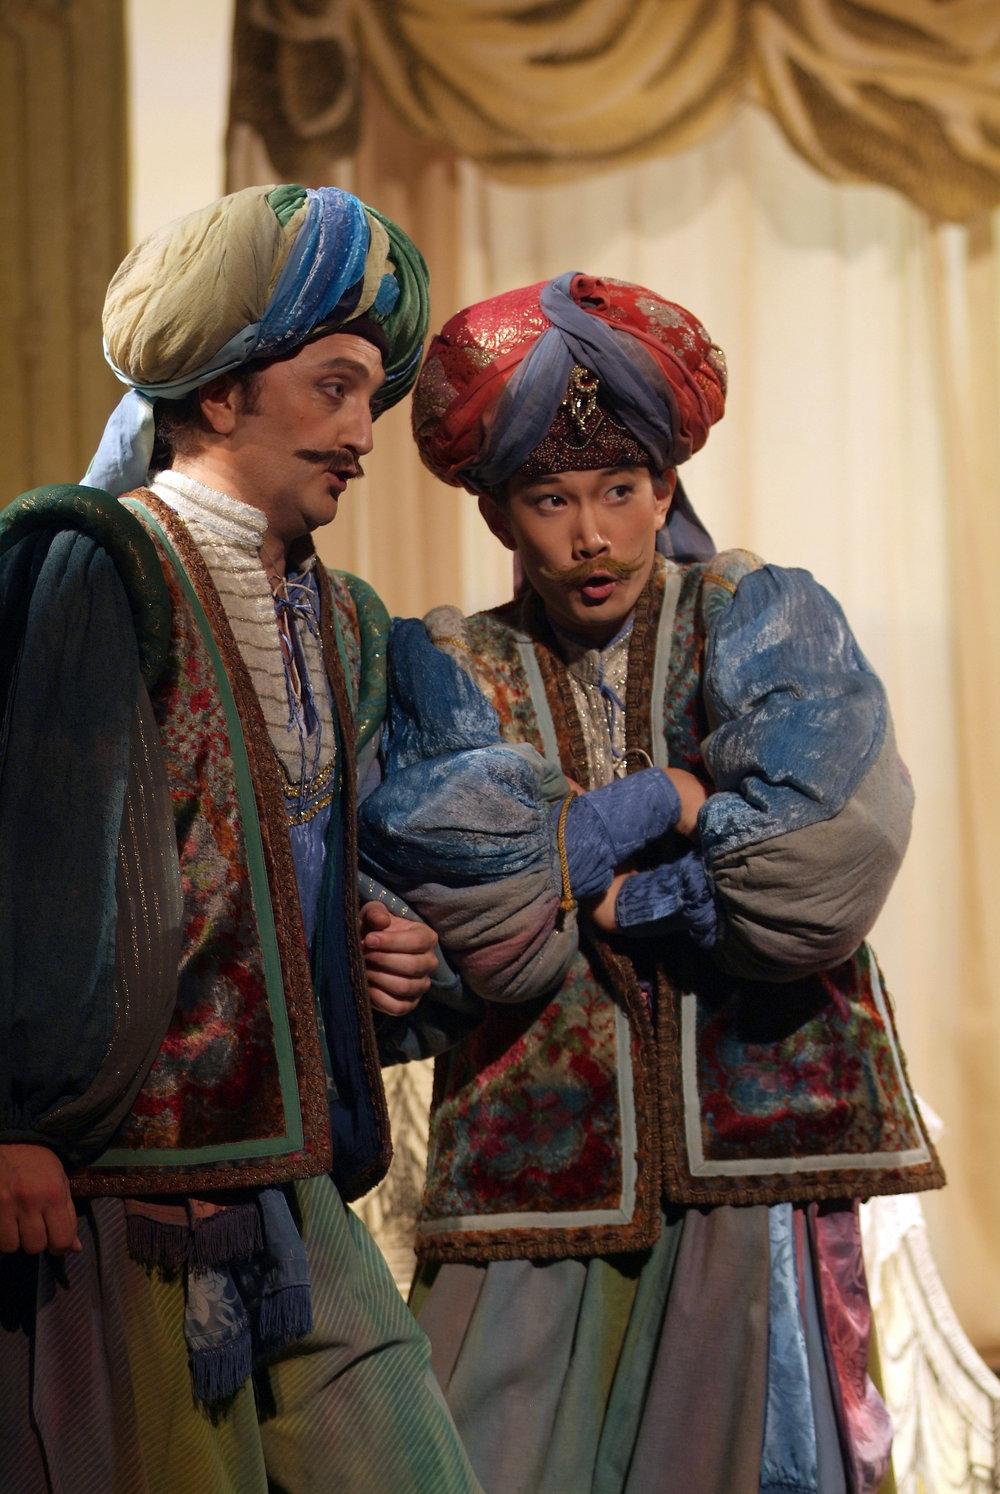 2007年10月意大利特雷维左市立歌剧院 莫扎特歌剧《女人心》(我在欧洲的歌剧处女秀)赢得第37届托蒂·达勒·蒙特国际声乐比赛后得到的演出合同.JPG